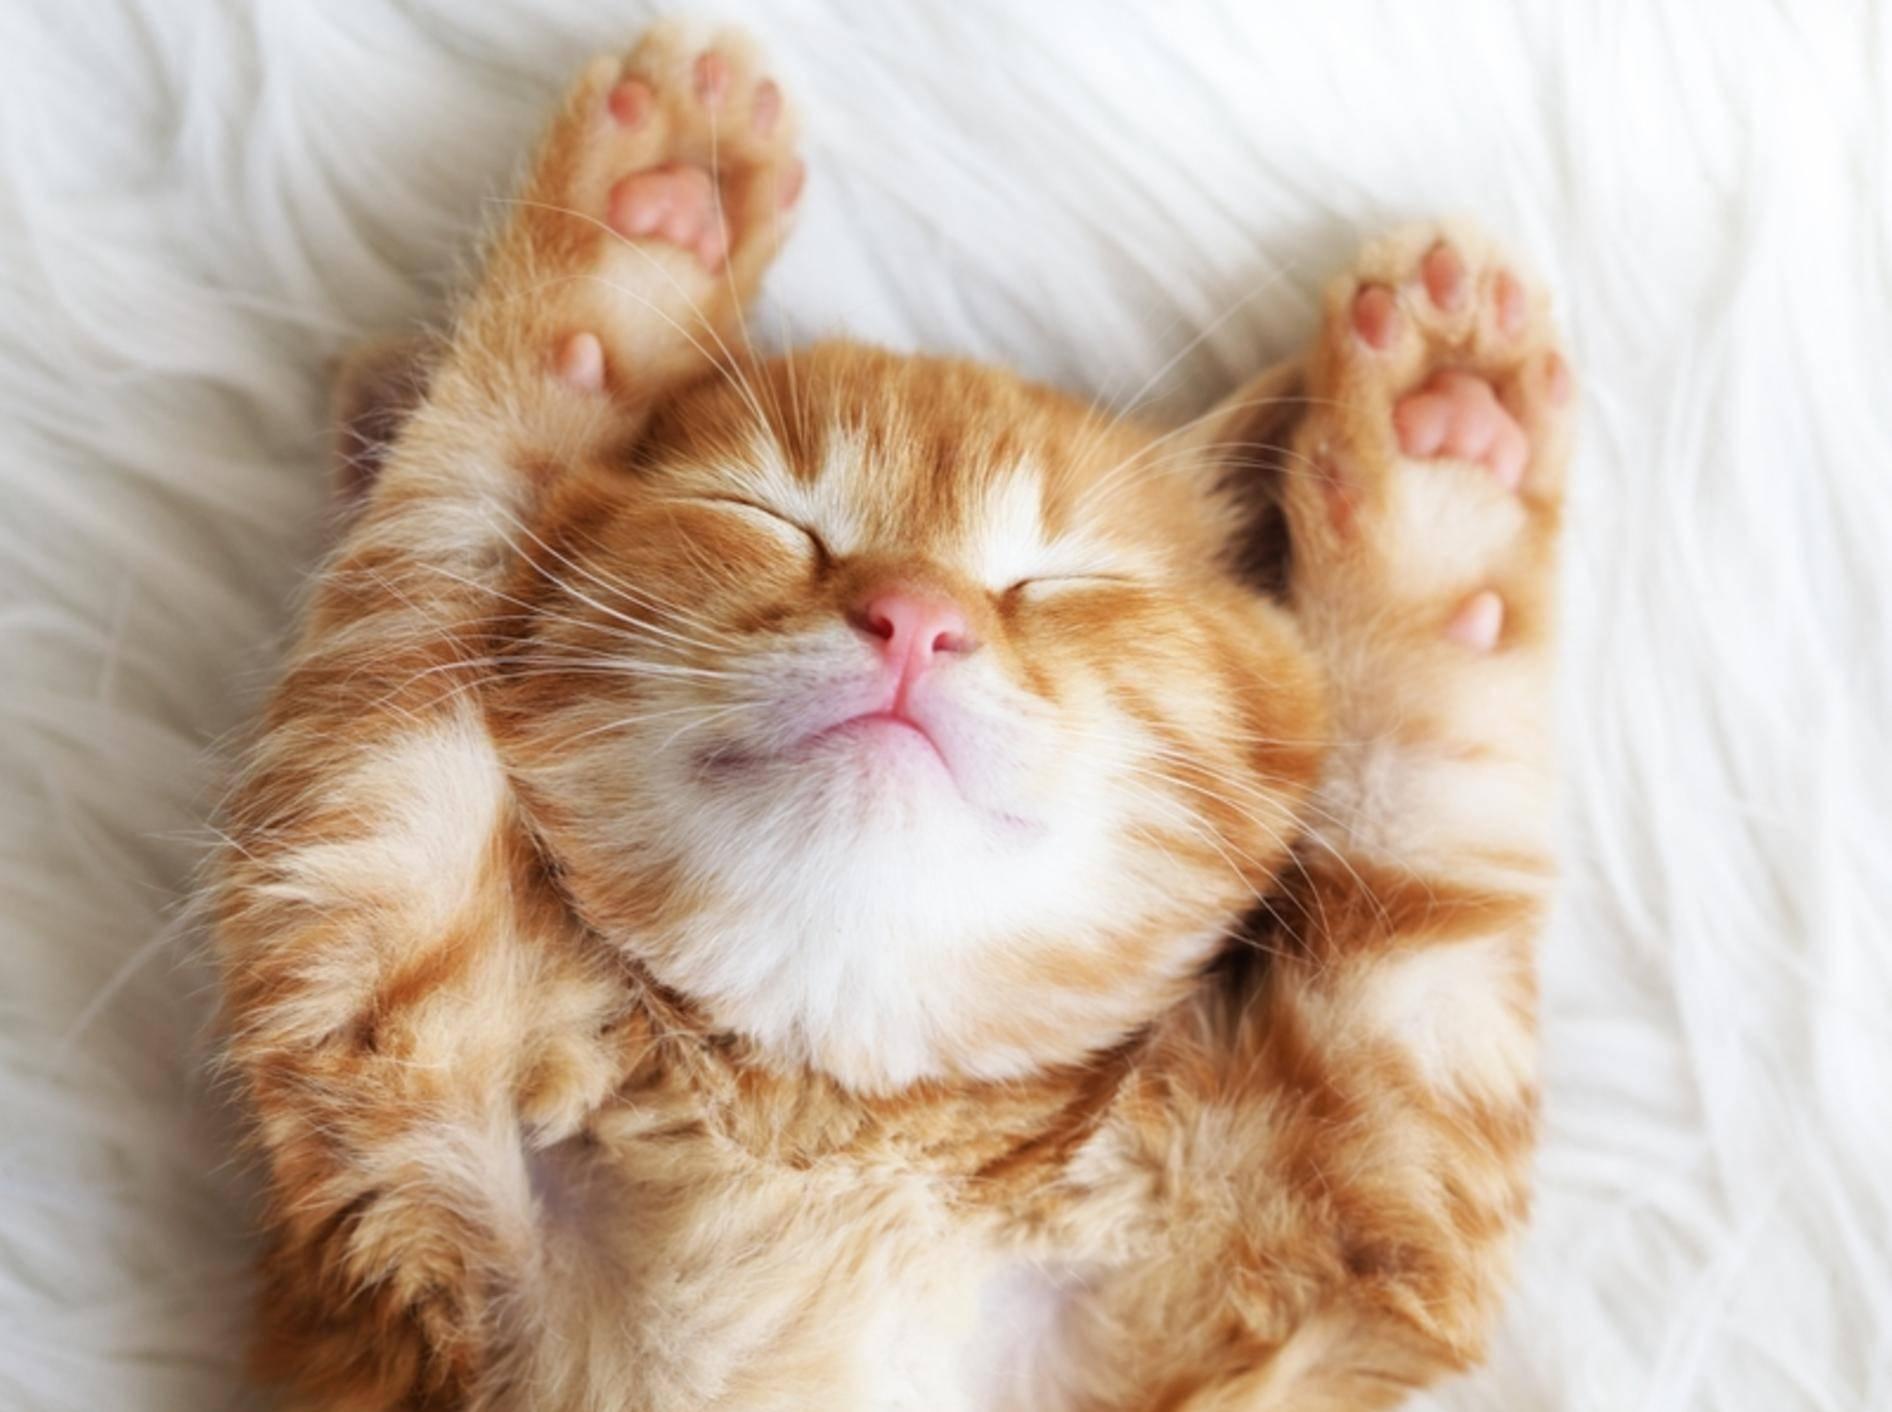 Ganz klein und ganz müde: Dieser rote Katzenwinzling braucht jetzt ein kleines Schläfchen – Bild: shutterstock / Alena Ozerova